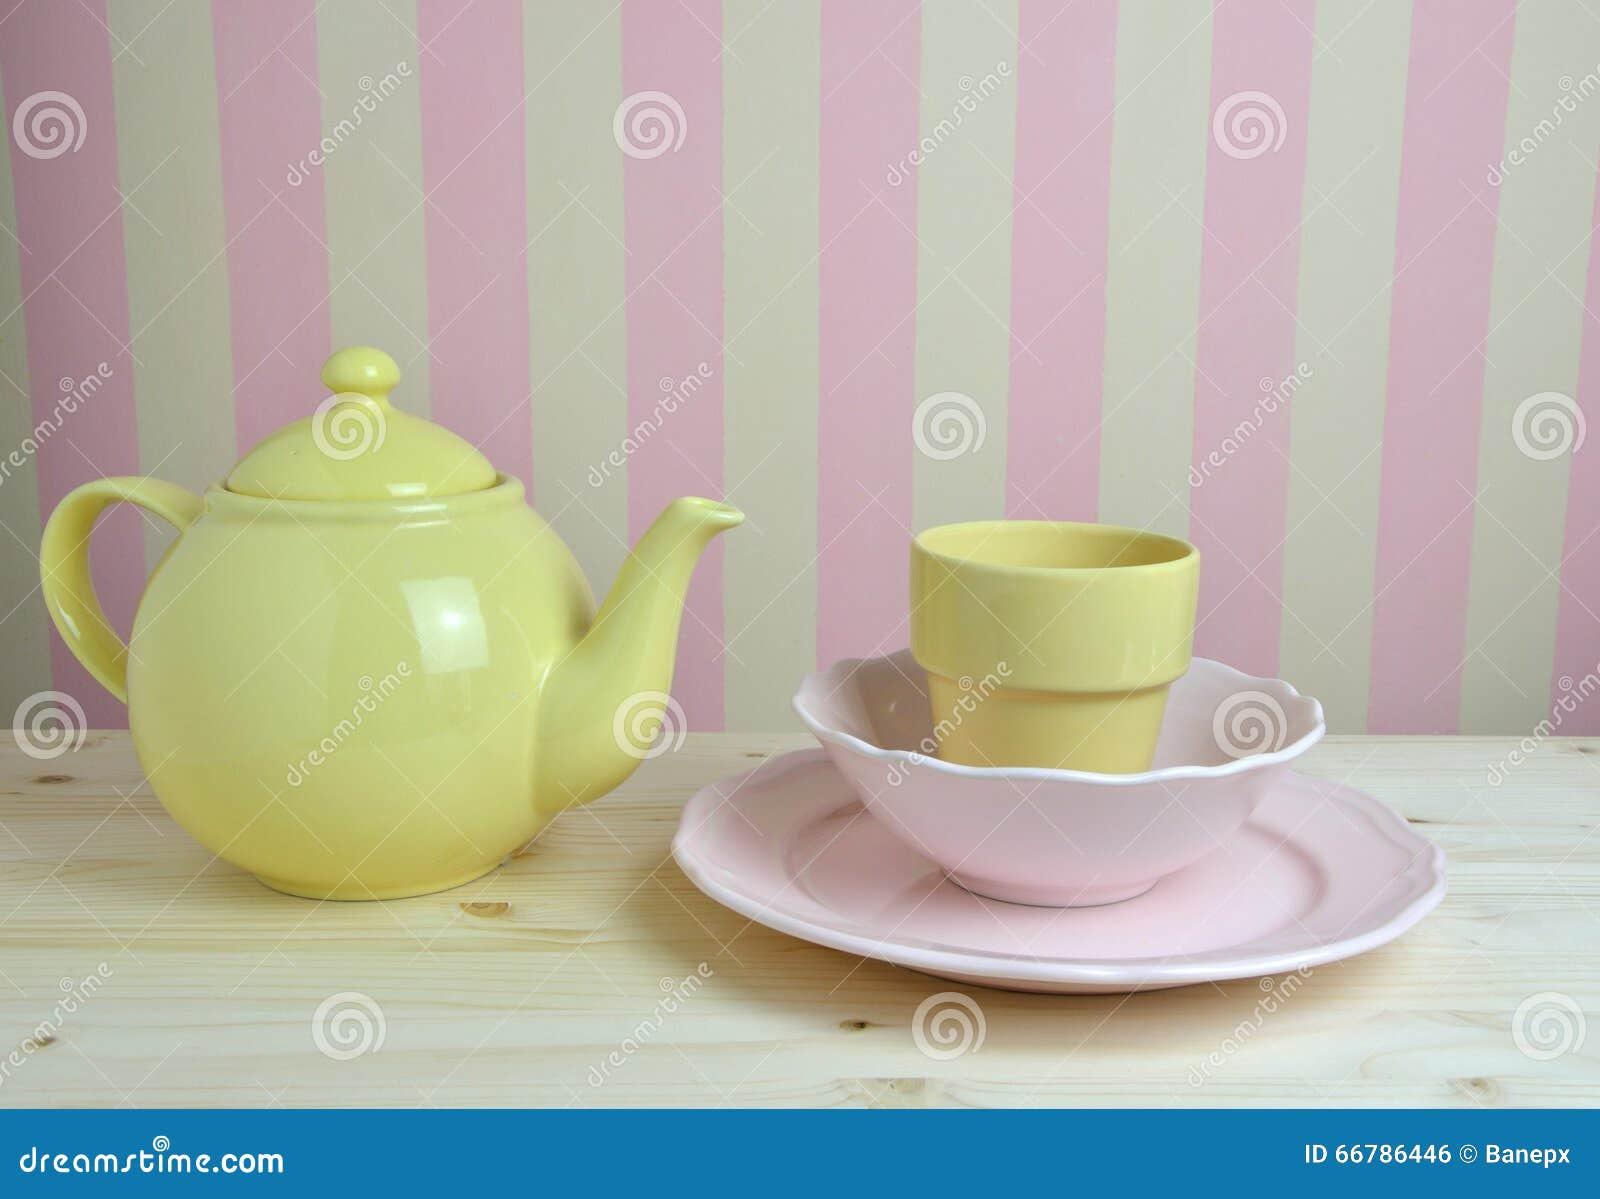 Roze En Gele Schotels In Keuken Stock Foto - Afbeelding: 66786446